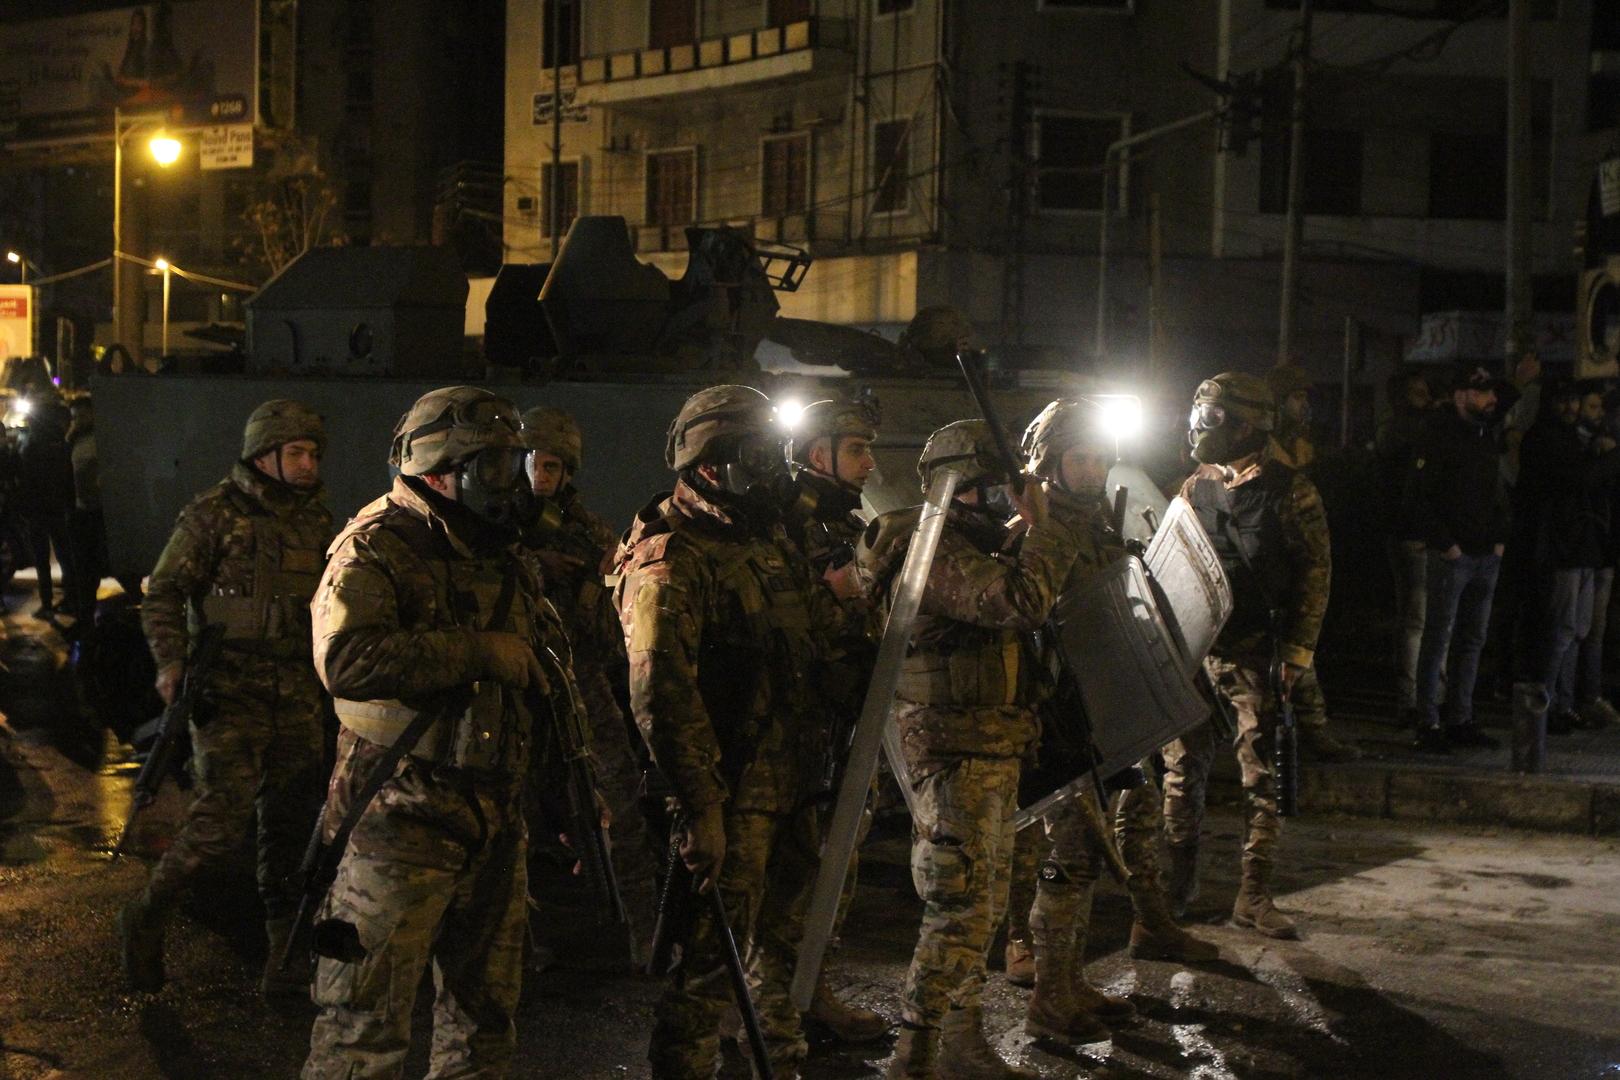 وقف إطلاق النار في مخيم عين الحلوة جنوب لبنان وهذه حصيلة الاشتباكات